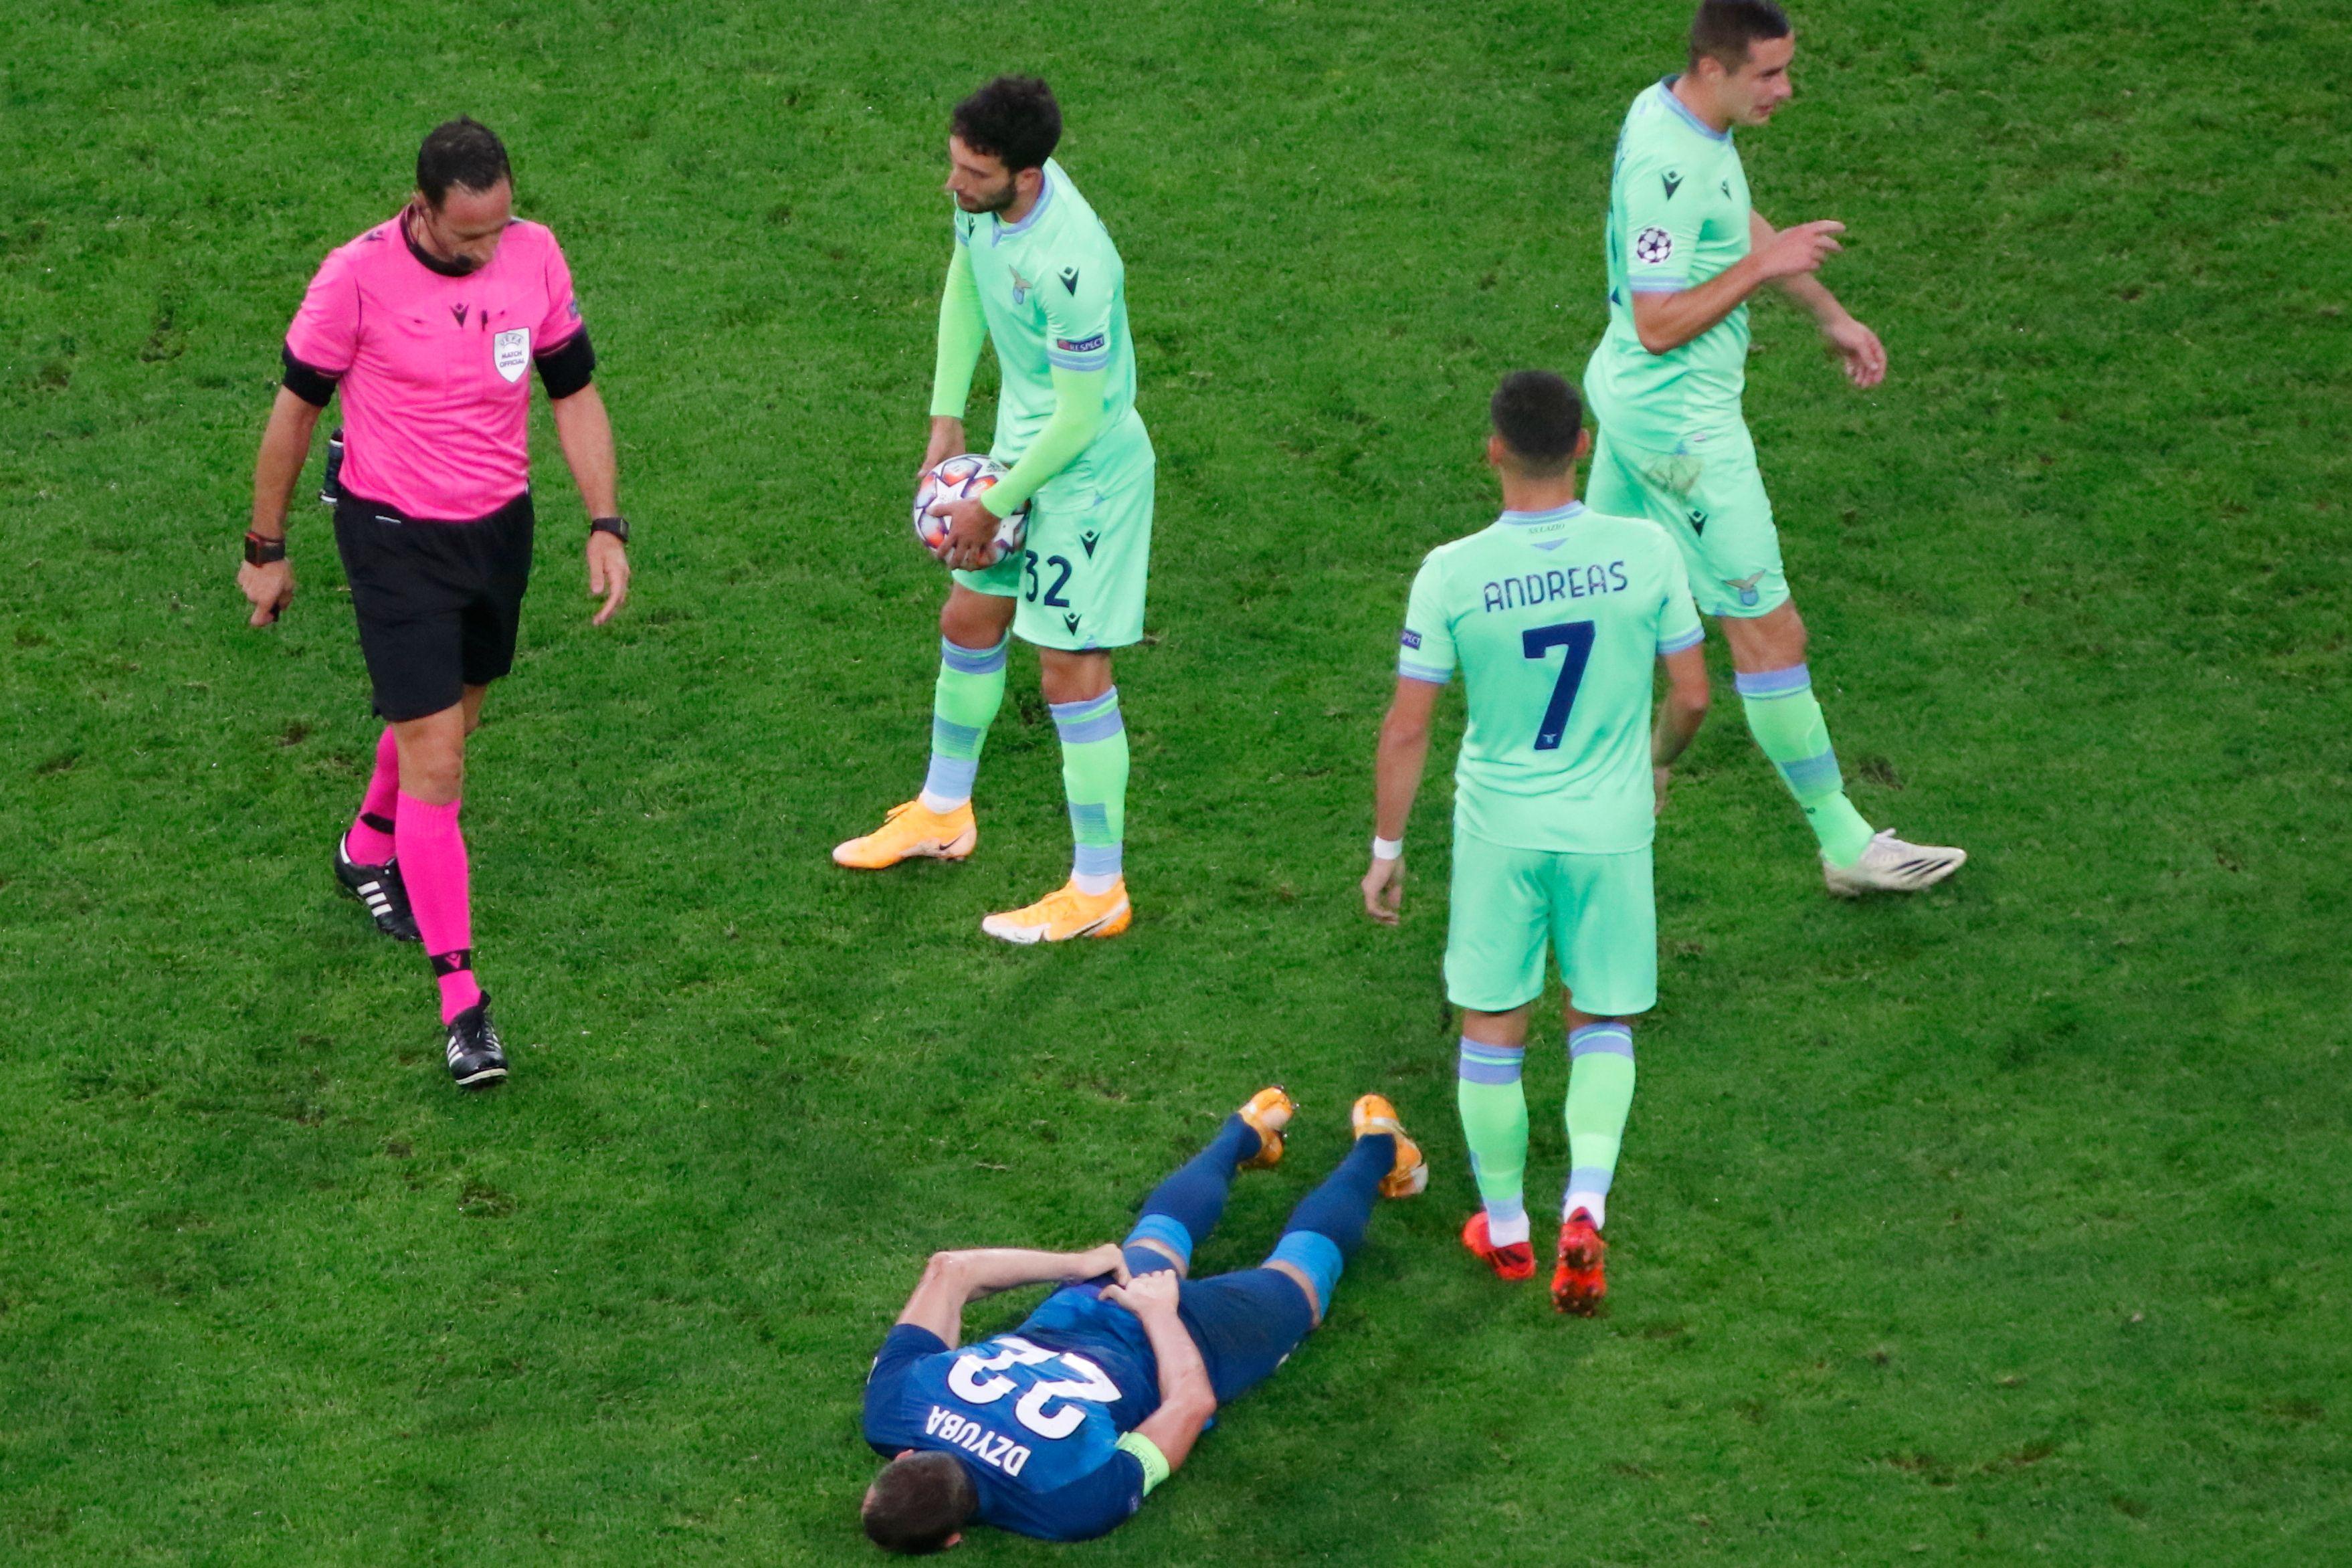 Болельщики 'Лацио' - о матче в Санкт-Петербурге: 'Жалко 'Зенит'. Они не должны быть последними в группе'